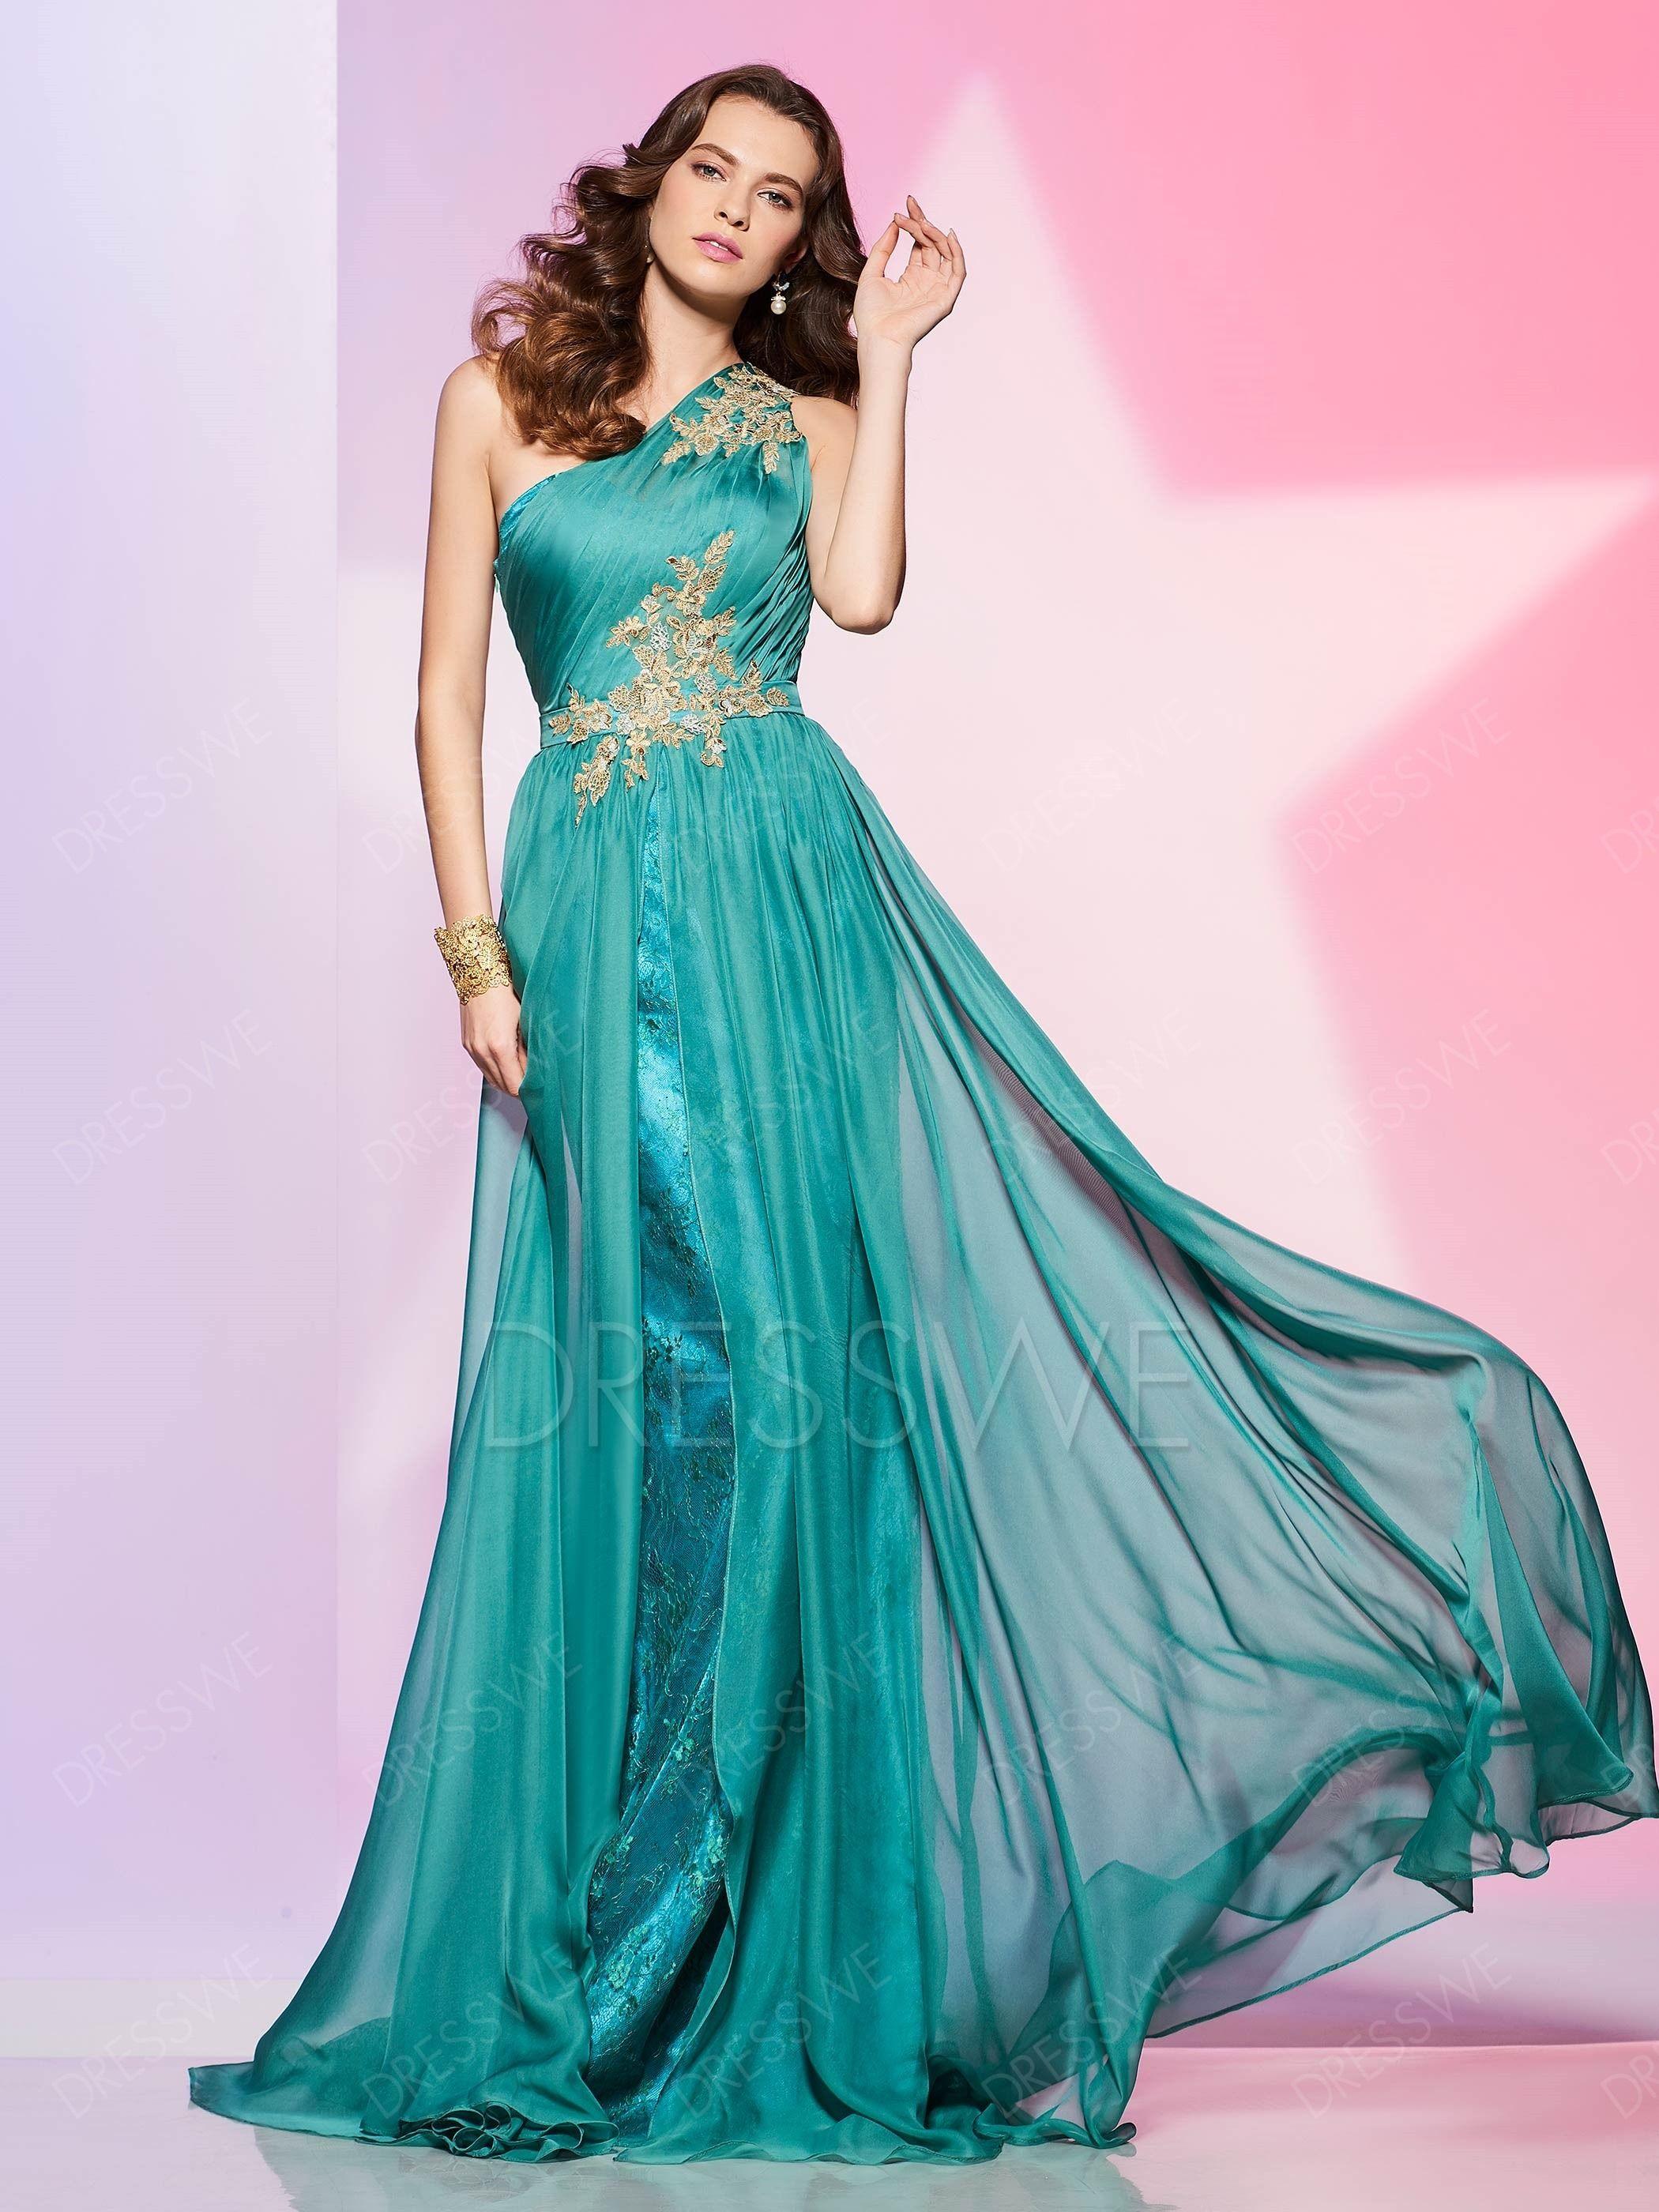 Chiffon prom dressPrefer for tall girls Prom dresses